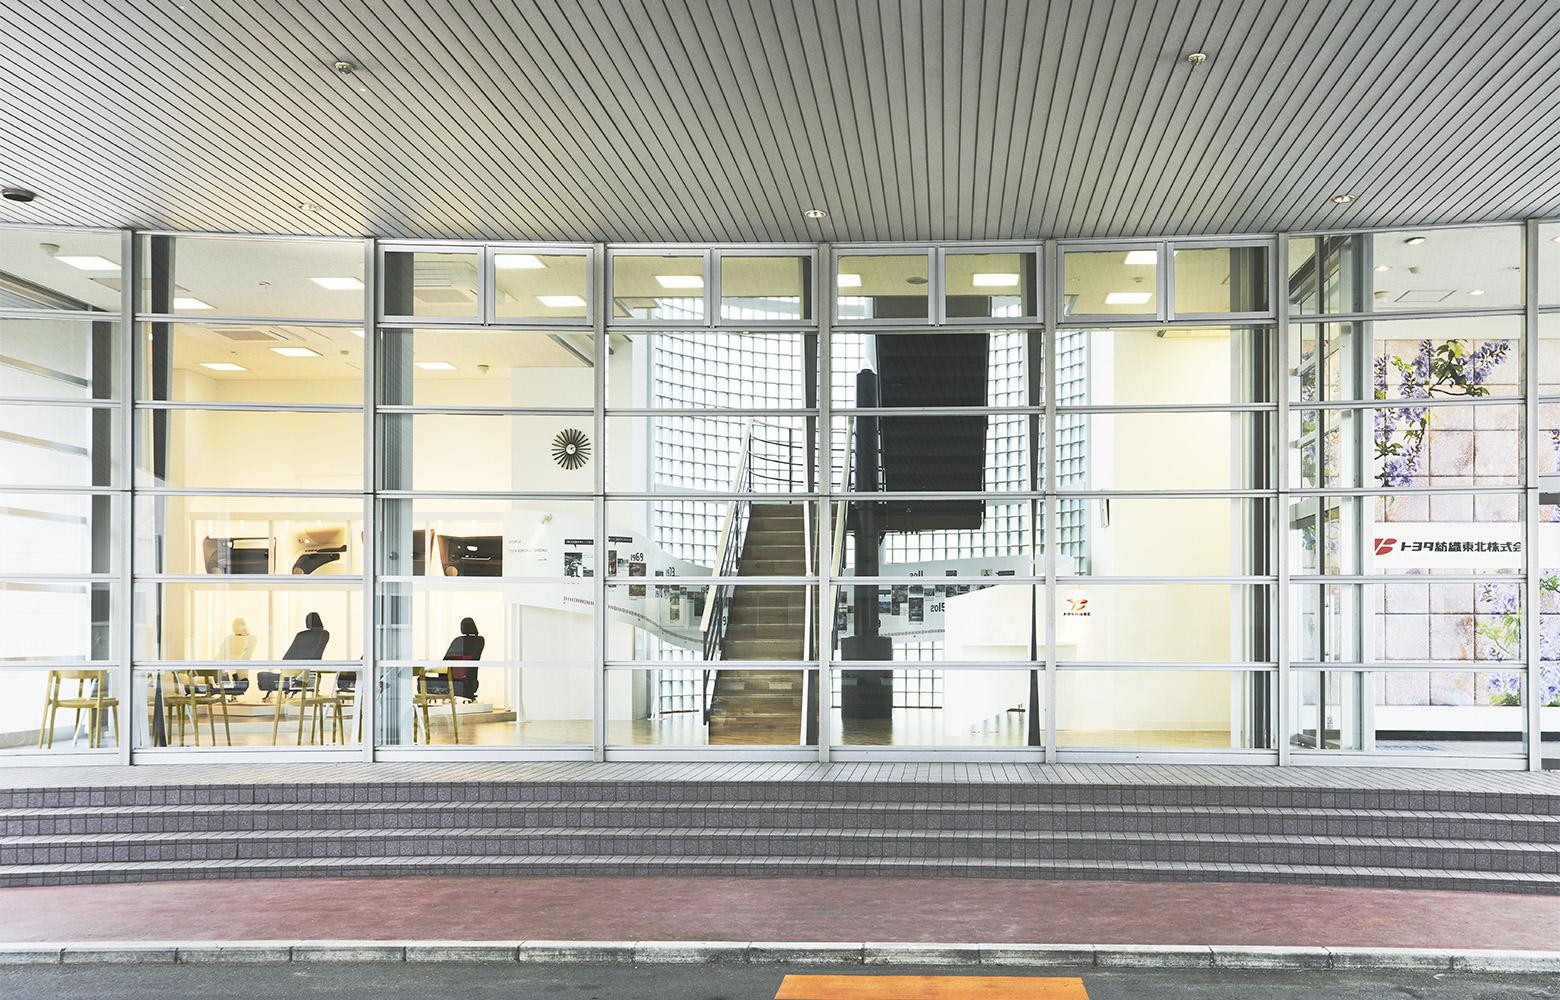 トヨタ紡織東北株式会社 Facade デザイン・レイアウト事例